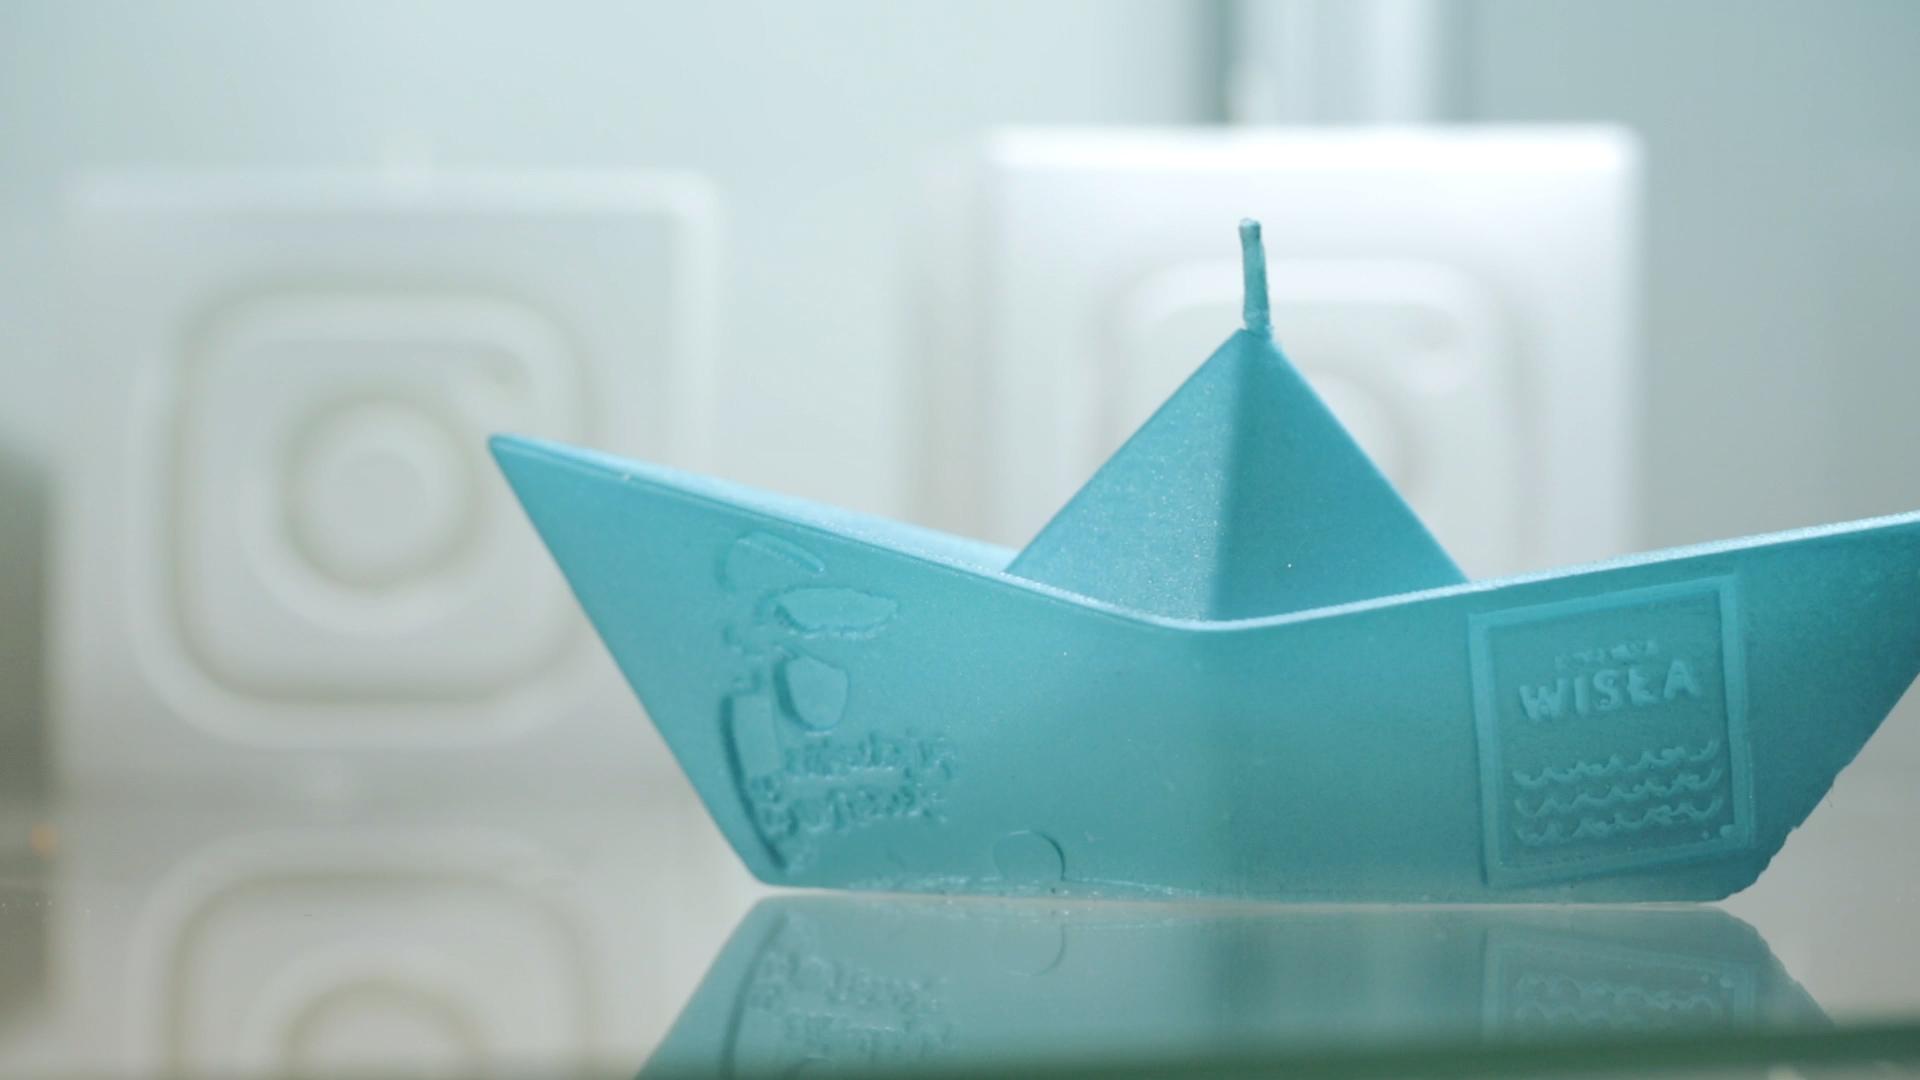 Pomysł na biznes: Designerskie świece 3D